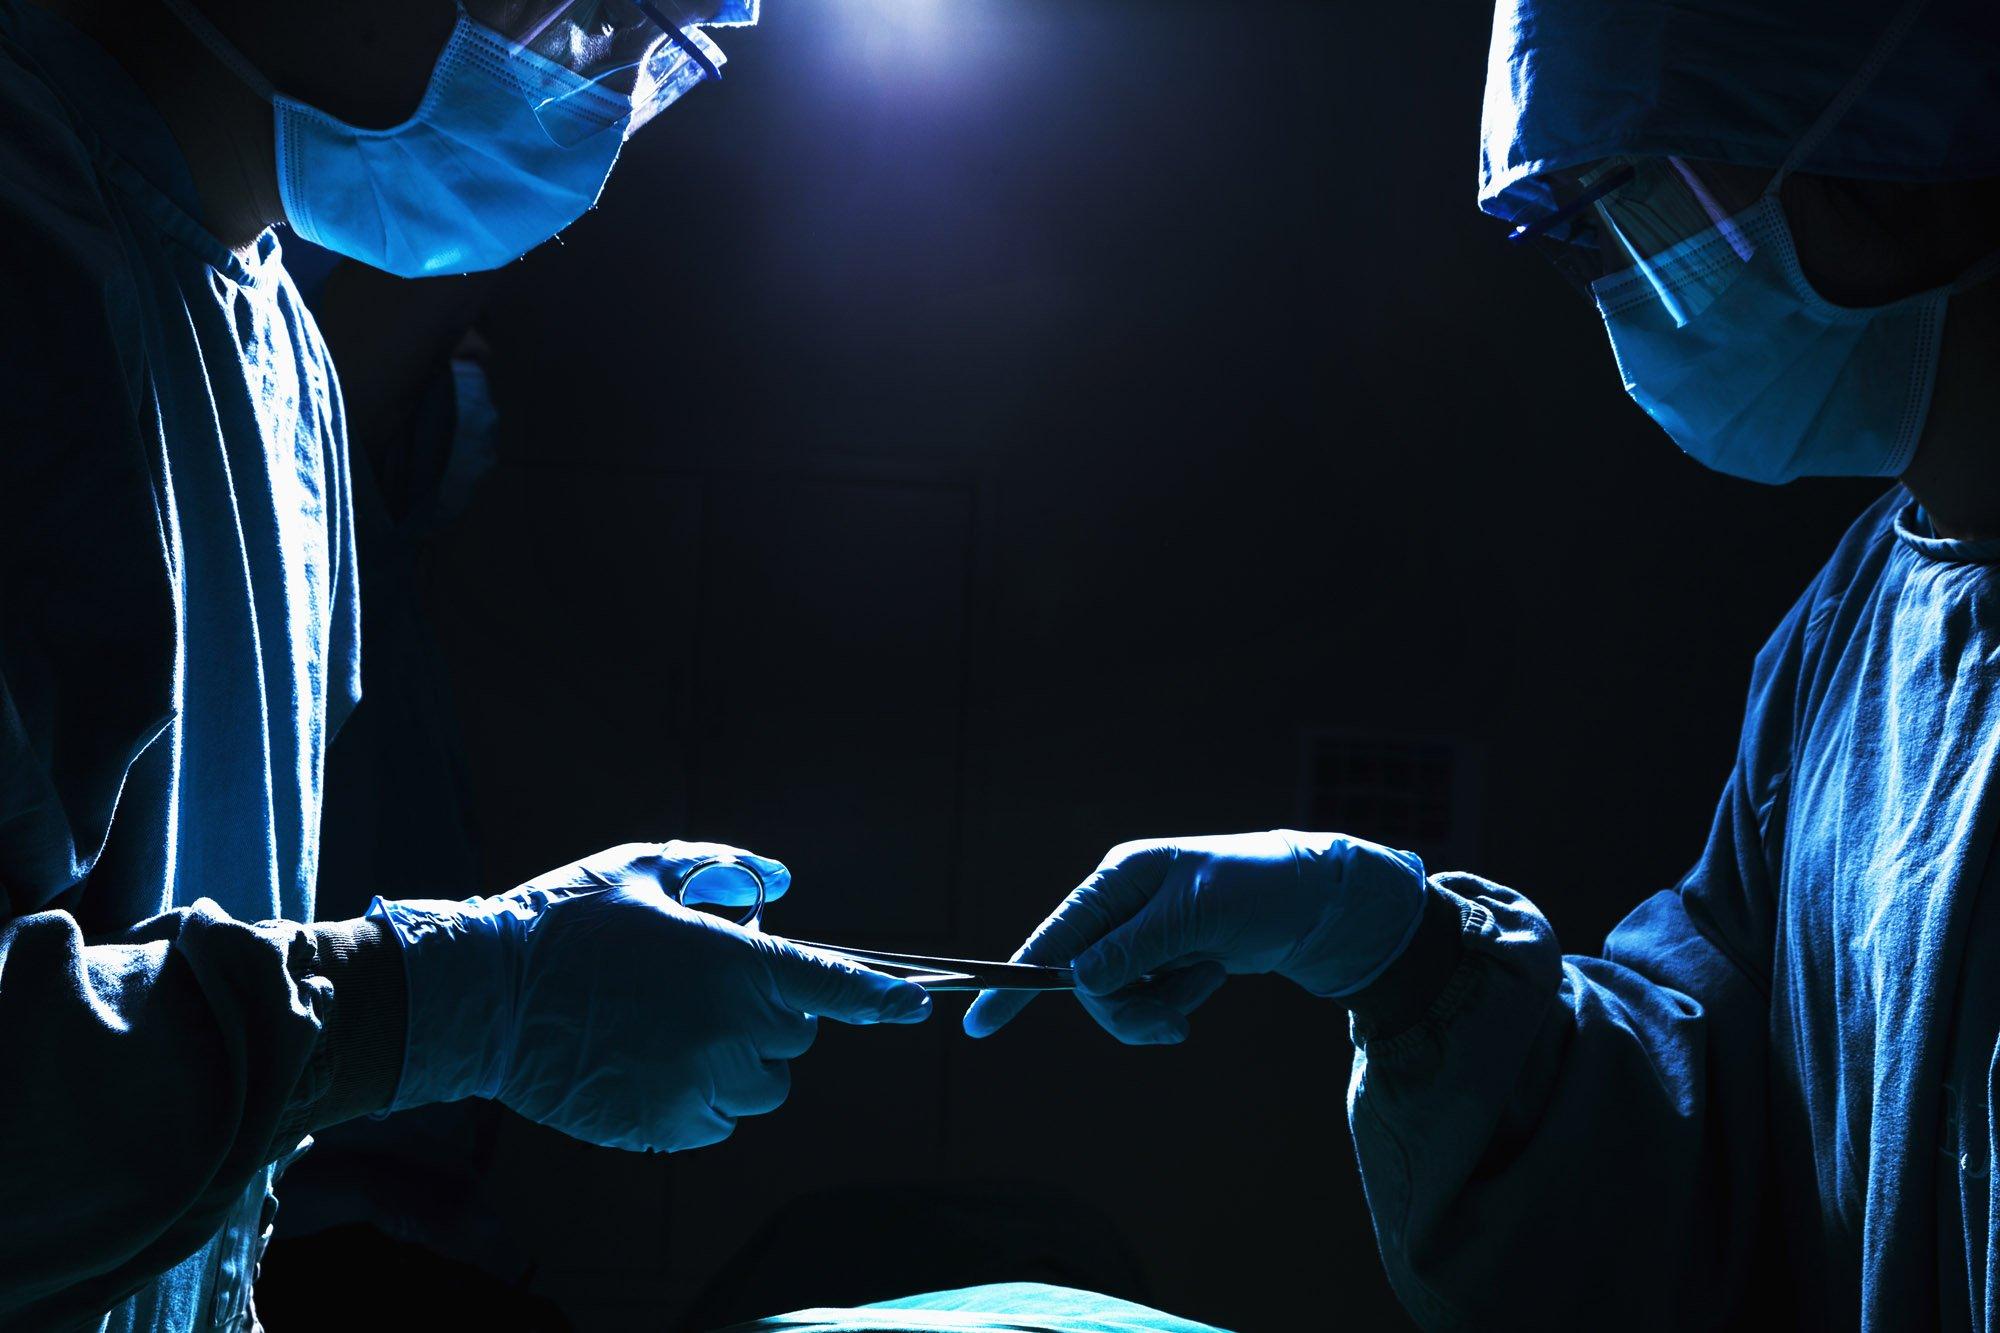 Brevíssimas considerações acerca do tráfico de órgãos humanos